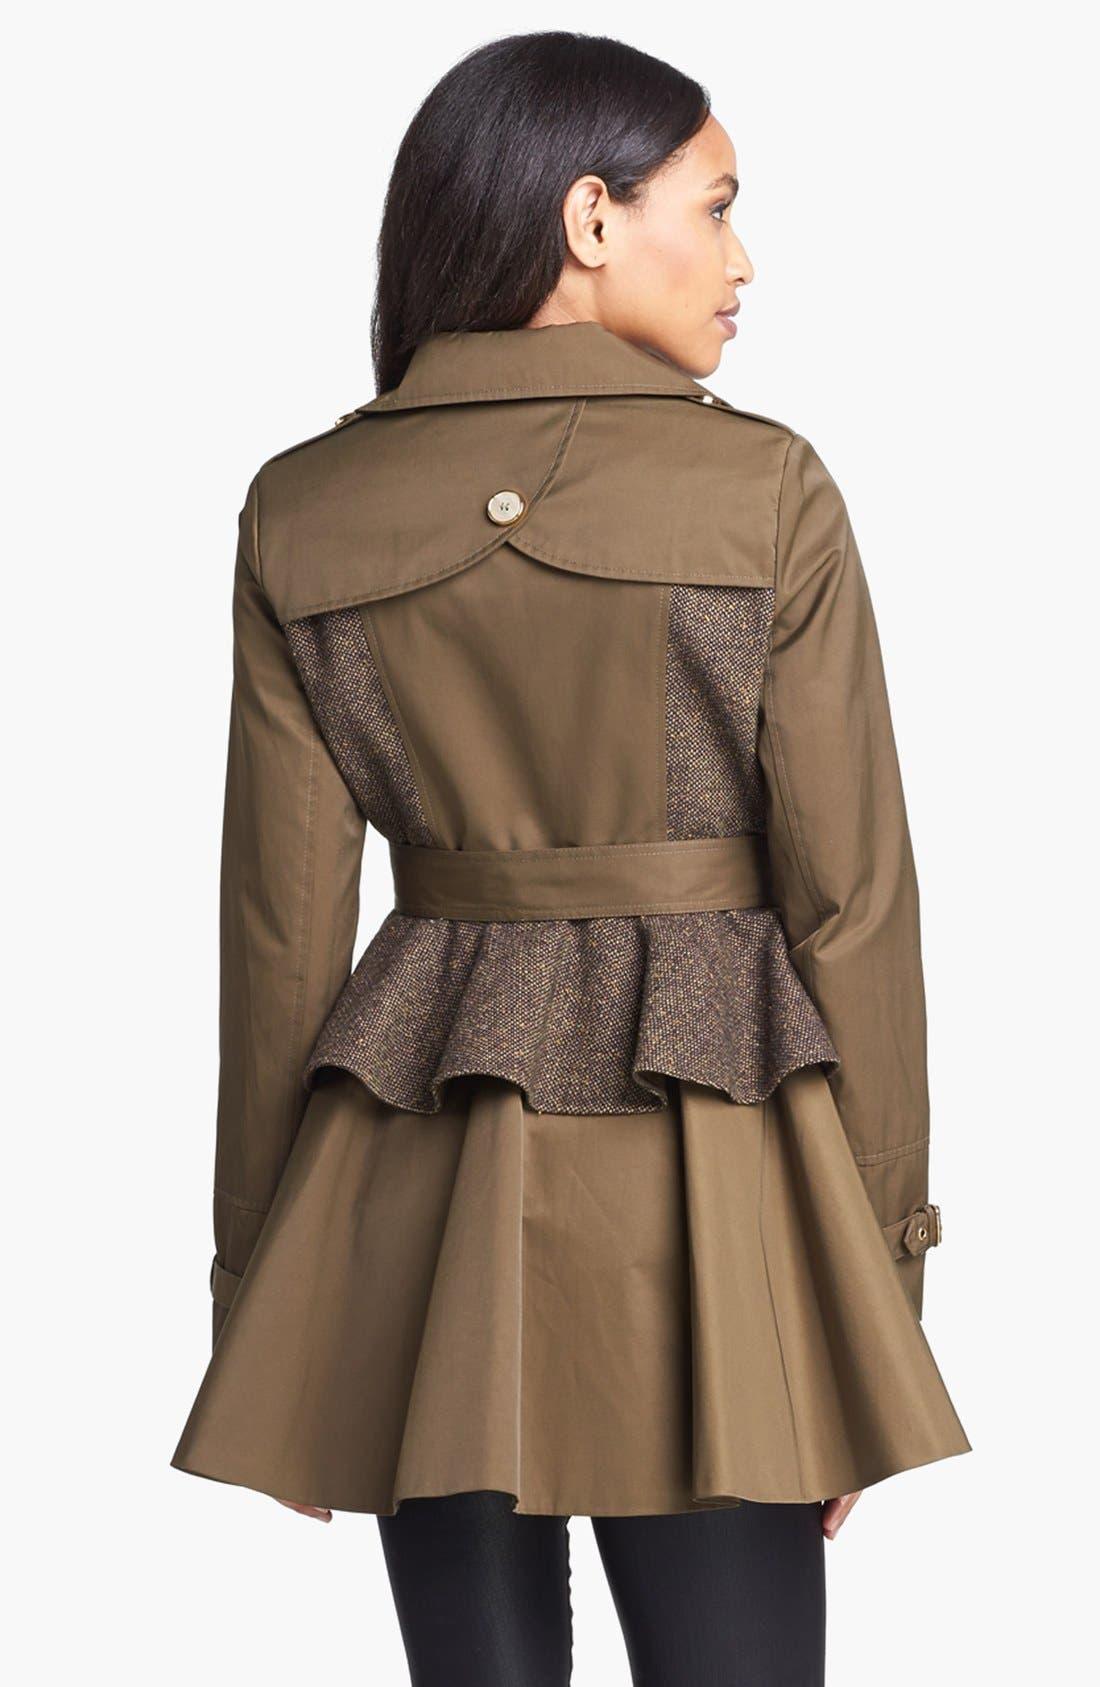 STEVE MADDEN,                             Tweed Panel Peplum Trench Coat,                             Alternate thumbnail 4, color,                             300